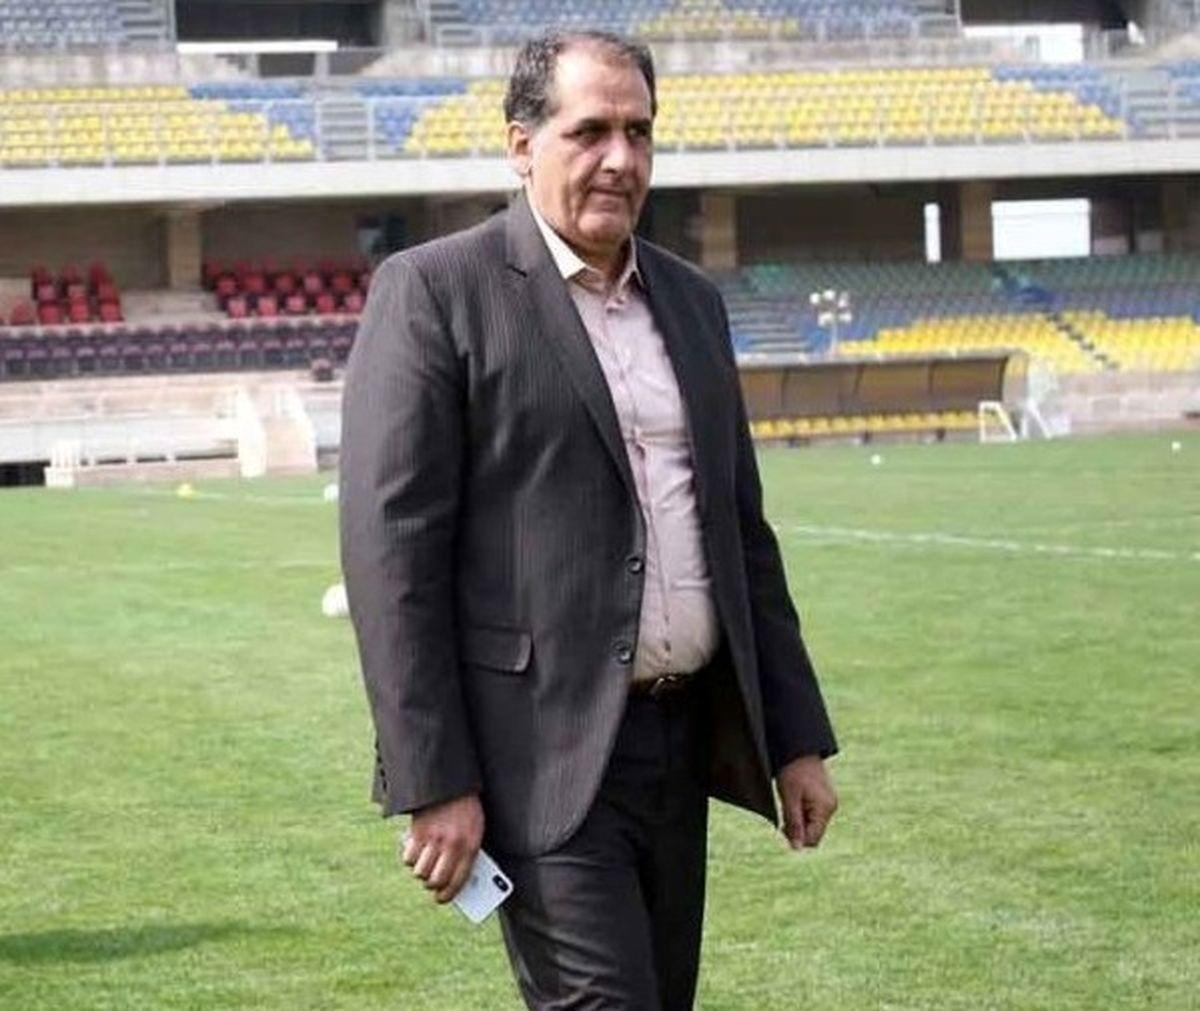 غیبت رسول پناه در جلسه هیئت مدیره باشگاه پرسپولیس